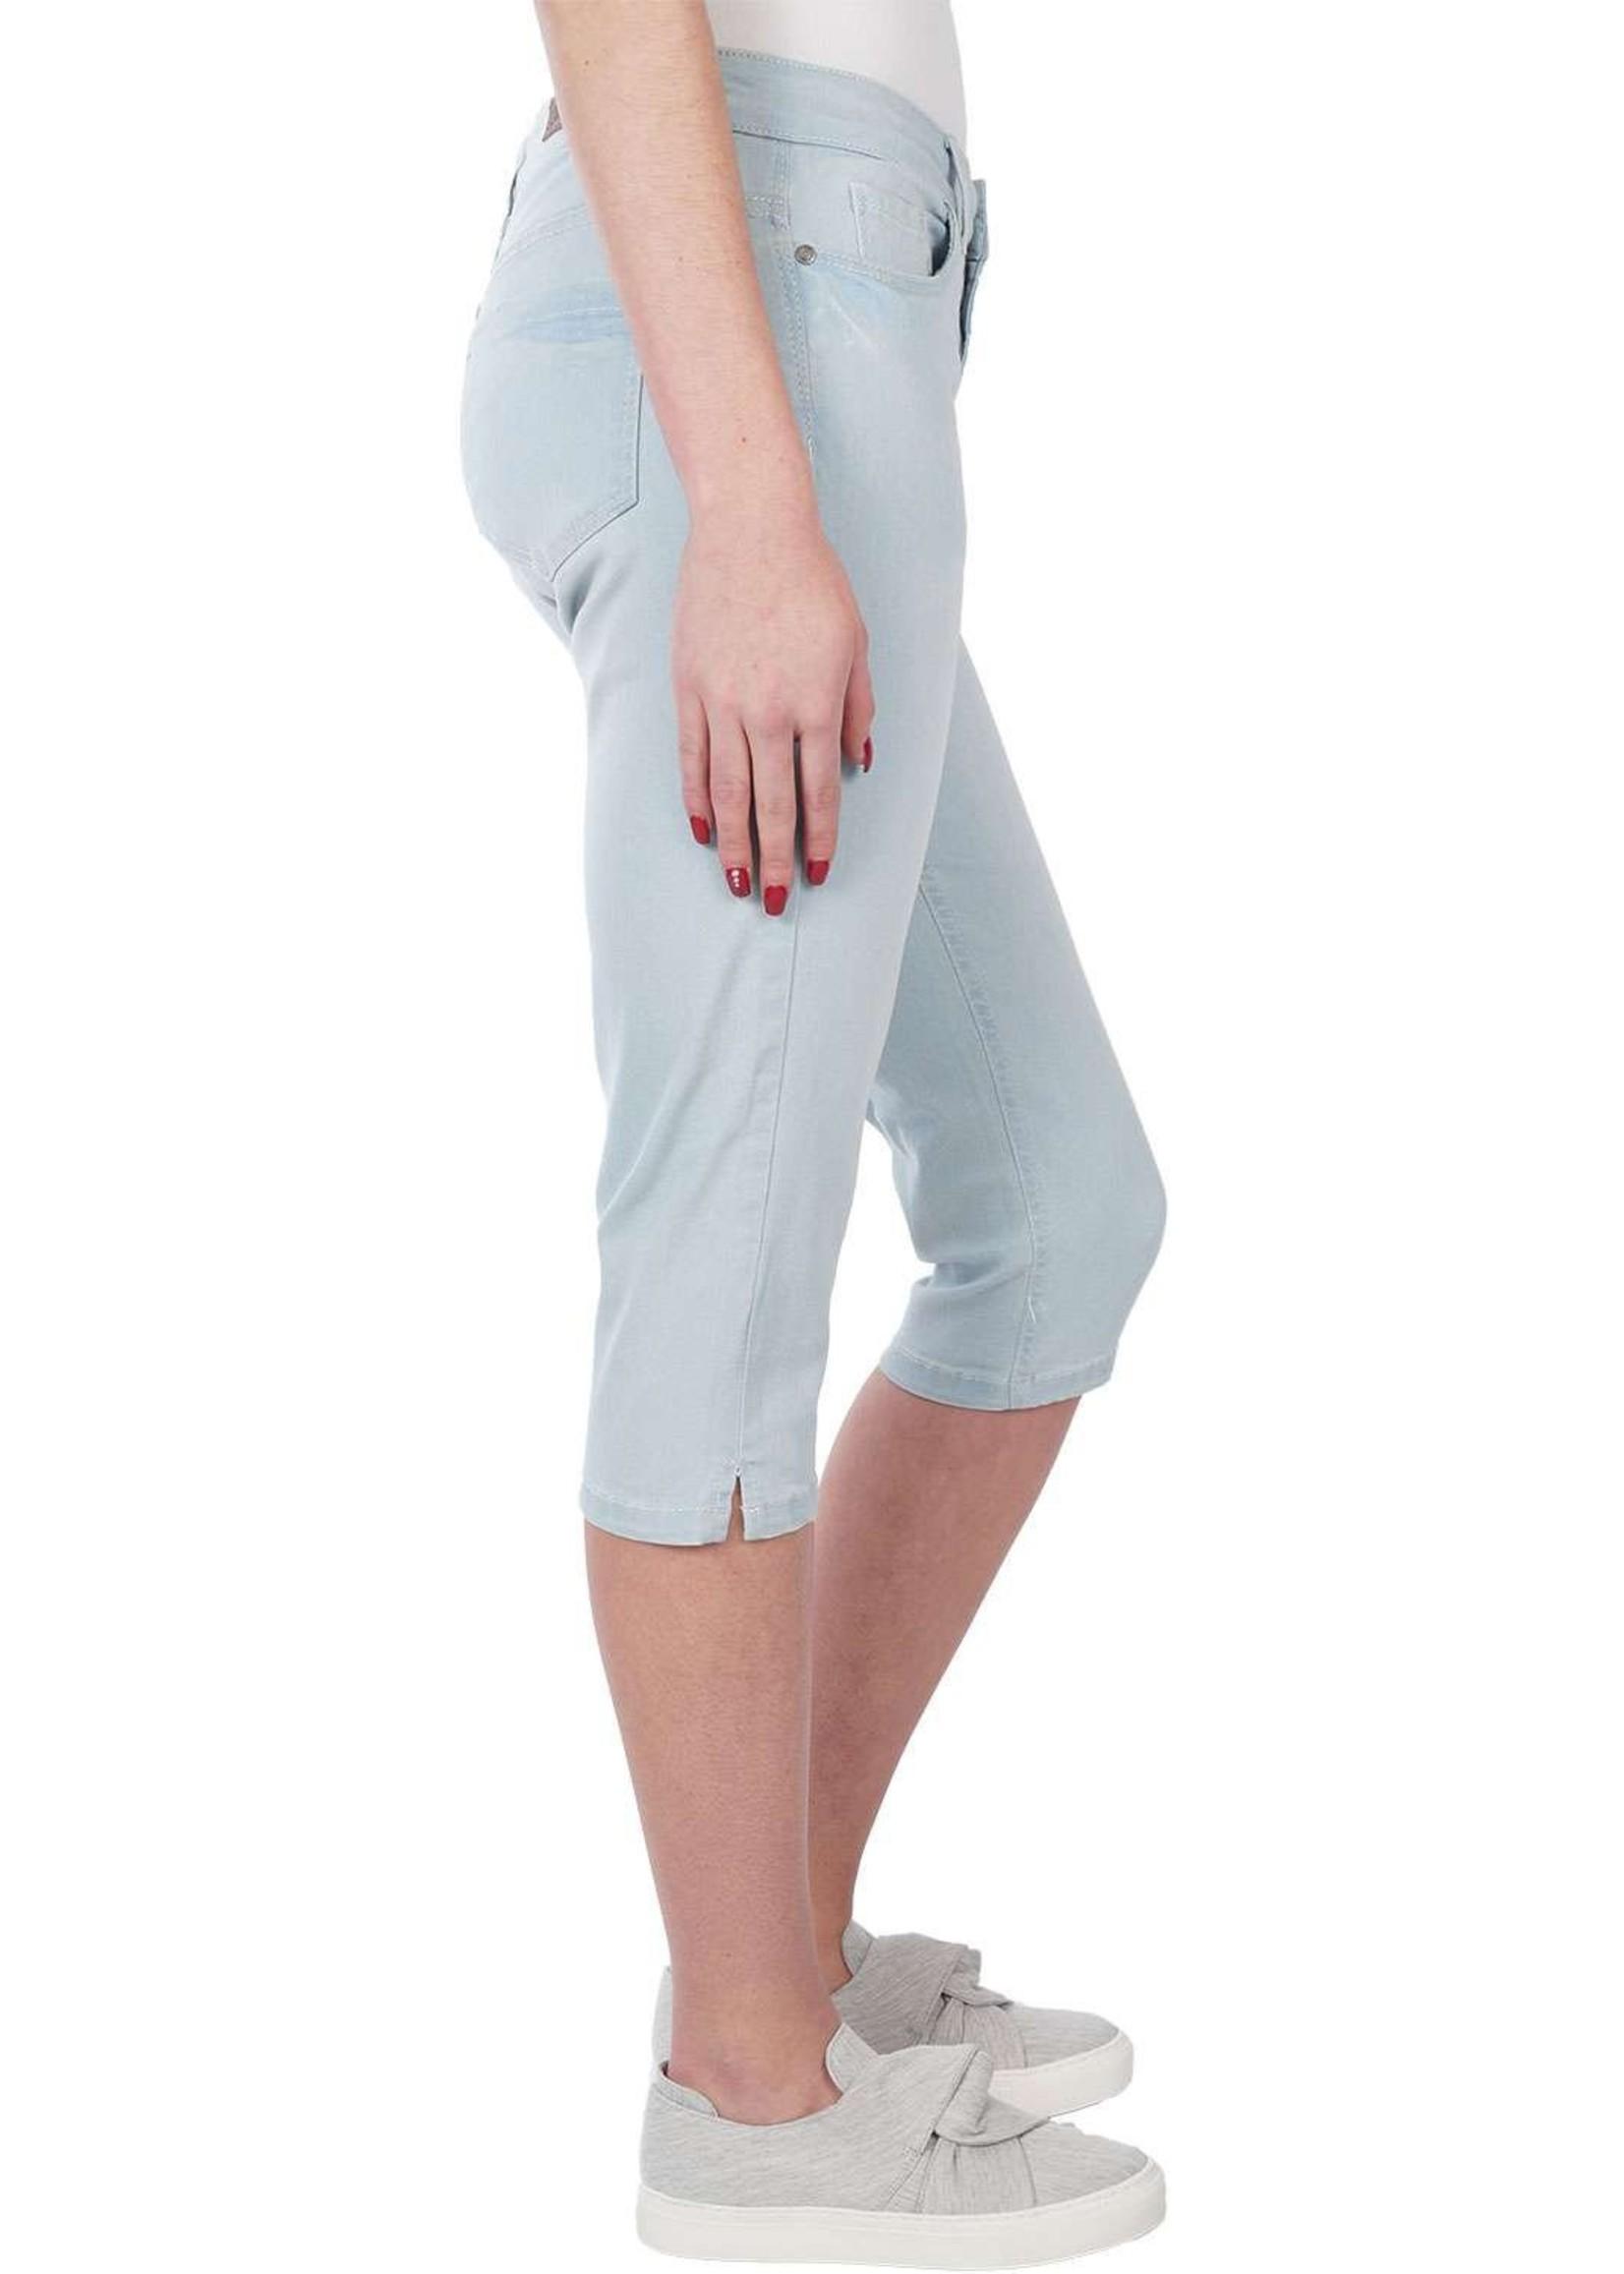 Geisha capri spijkerbroek maat S/36